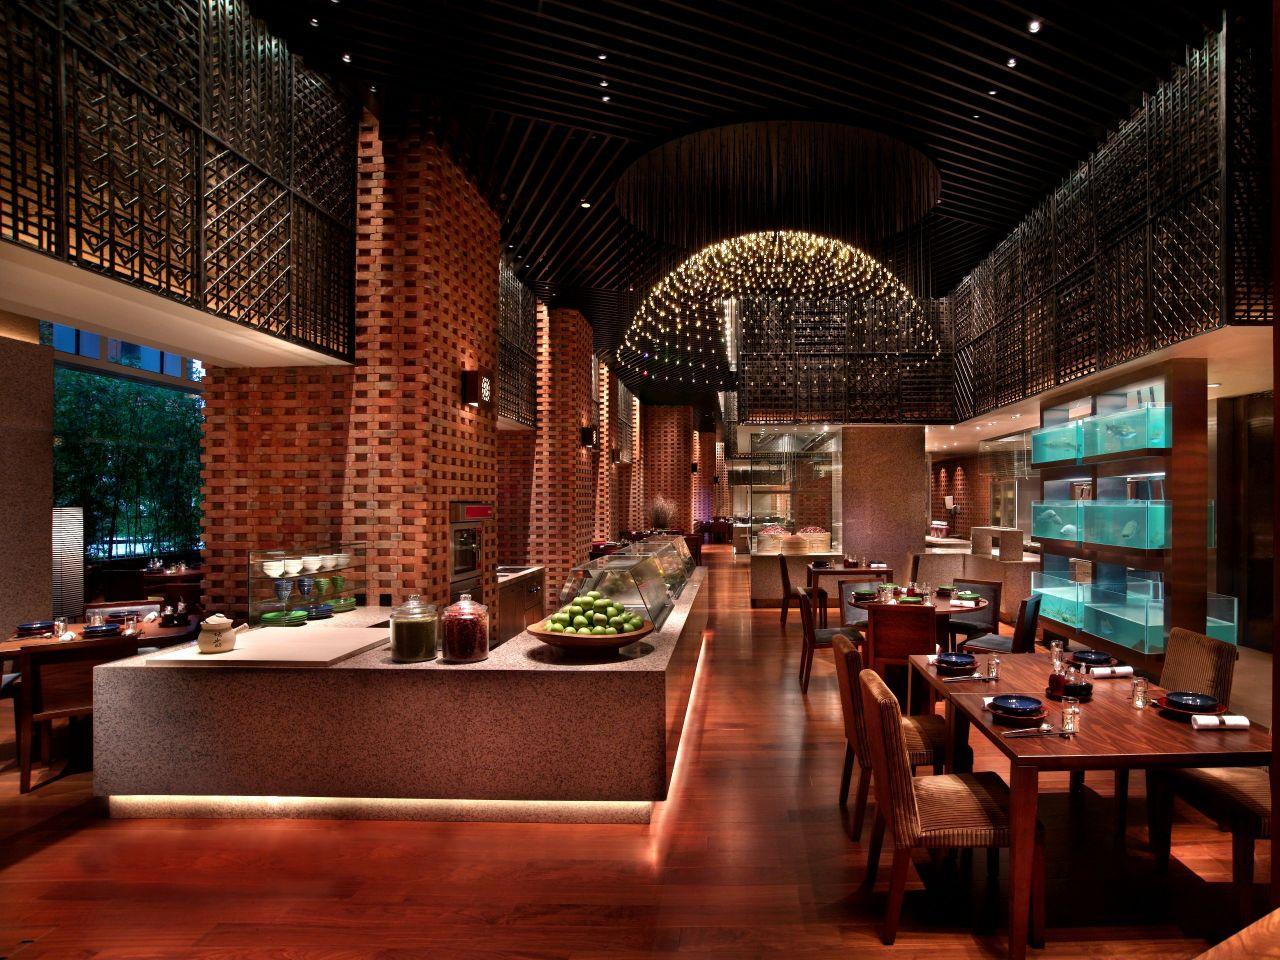 Hyatt Grand 1881 restaurant